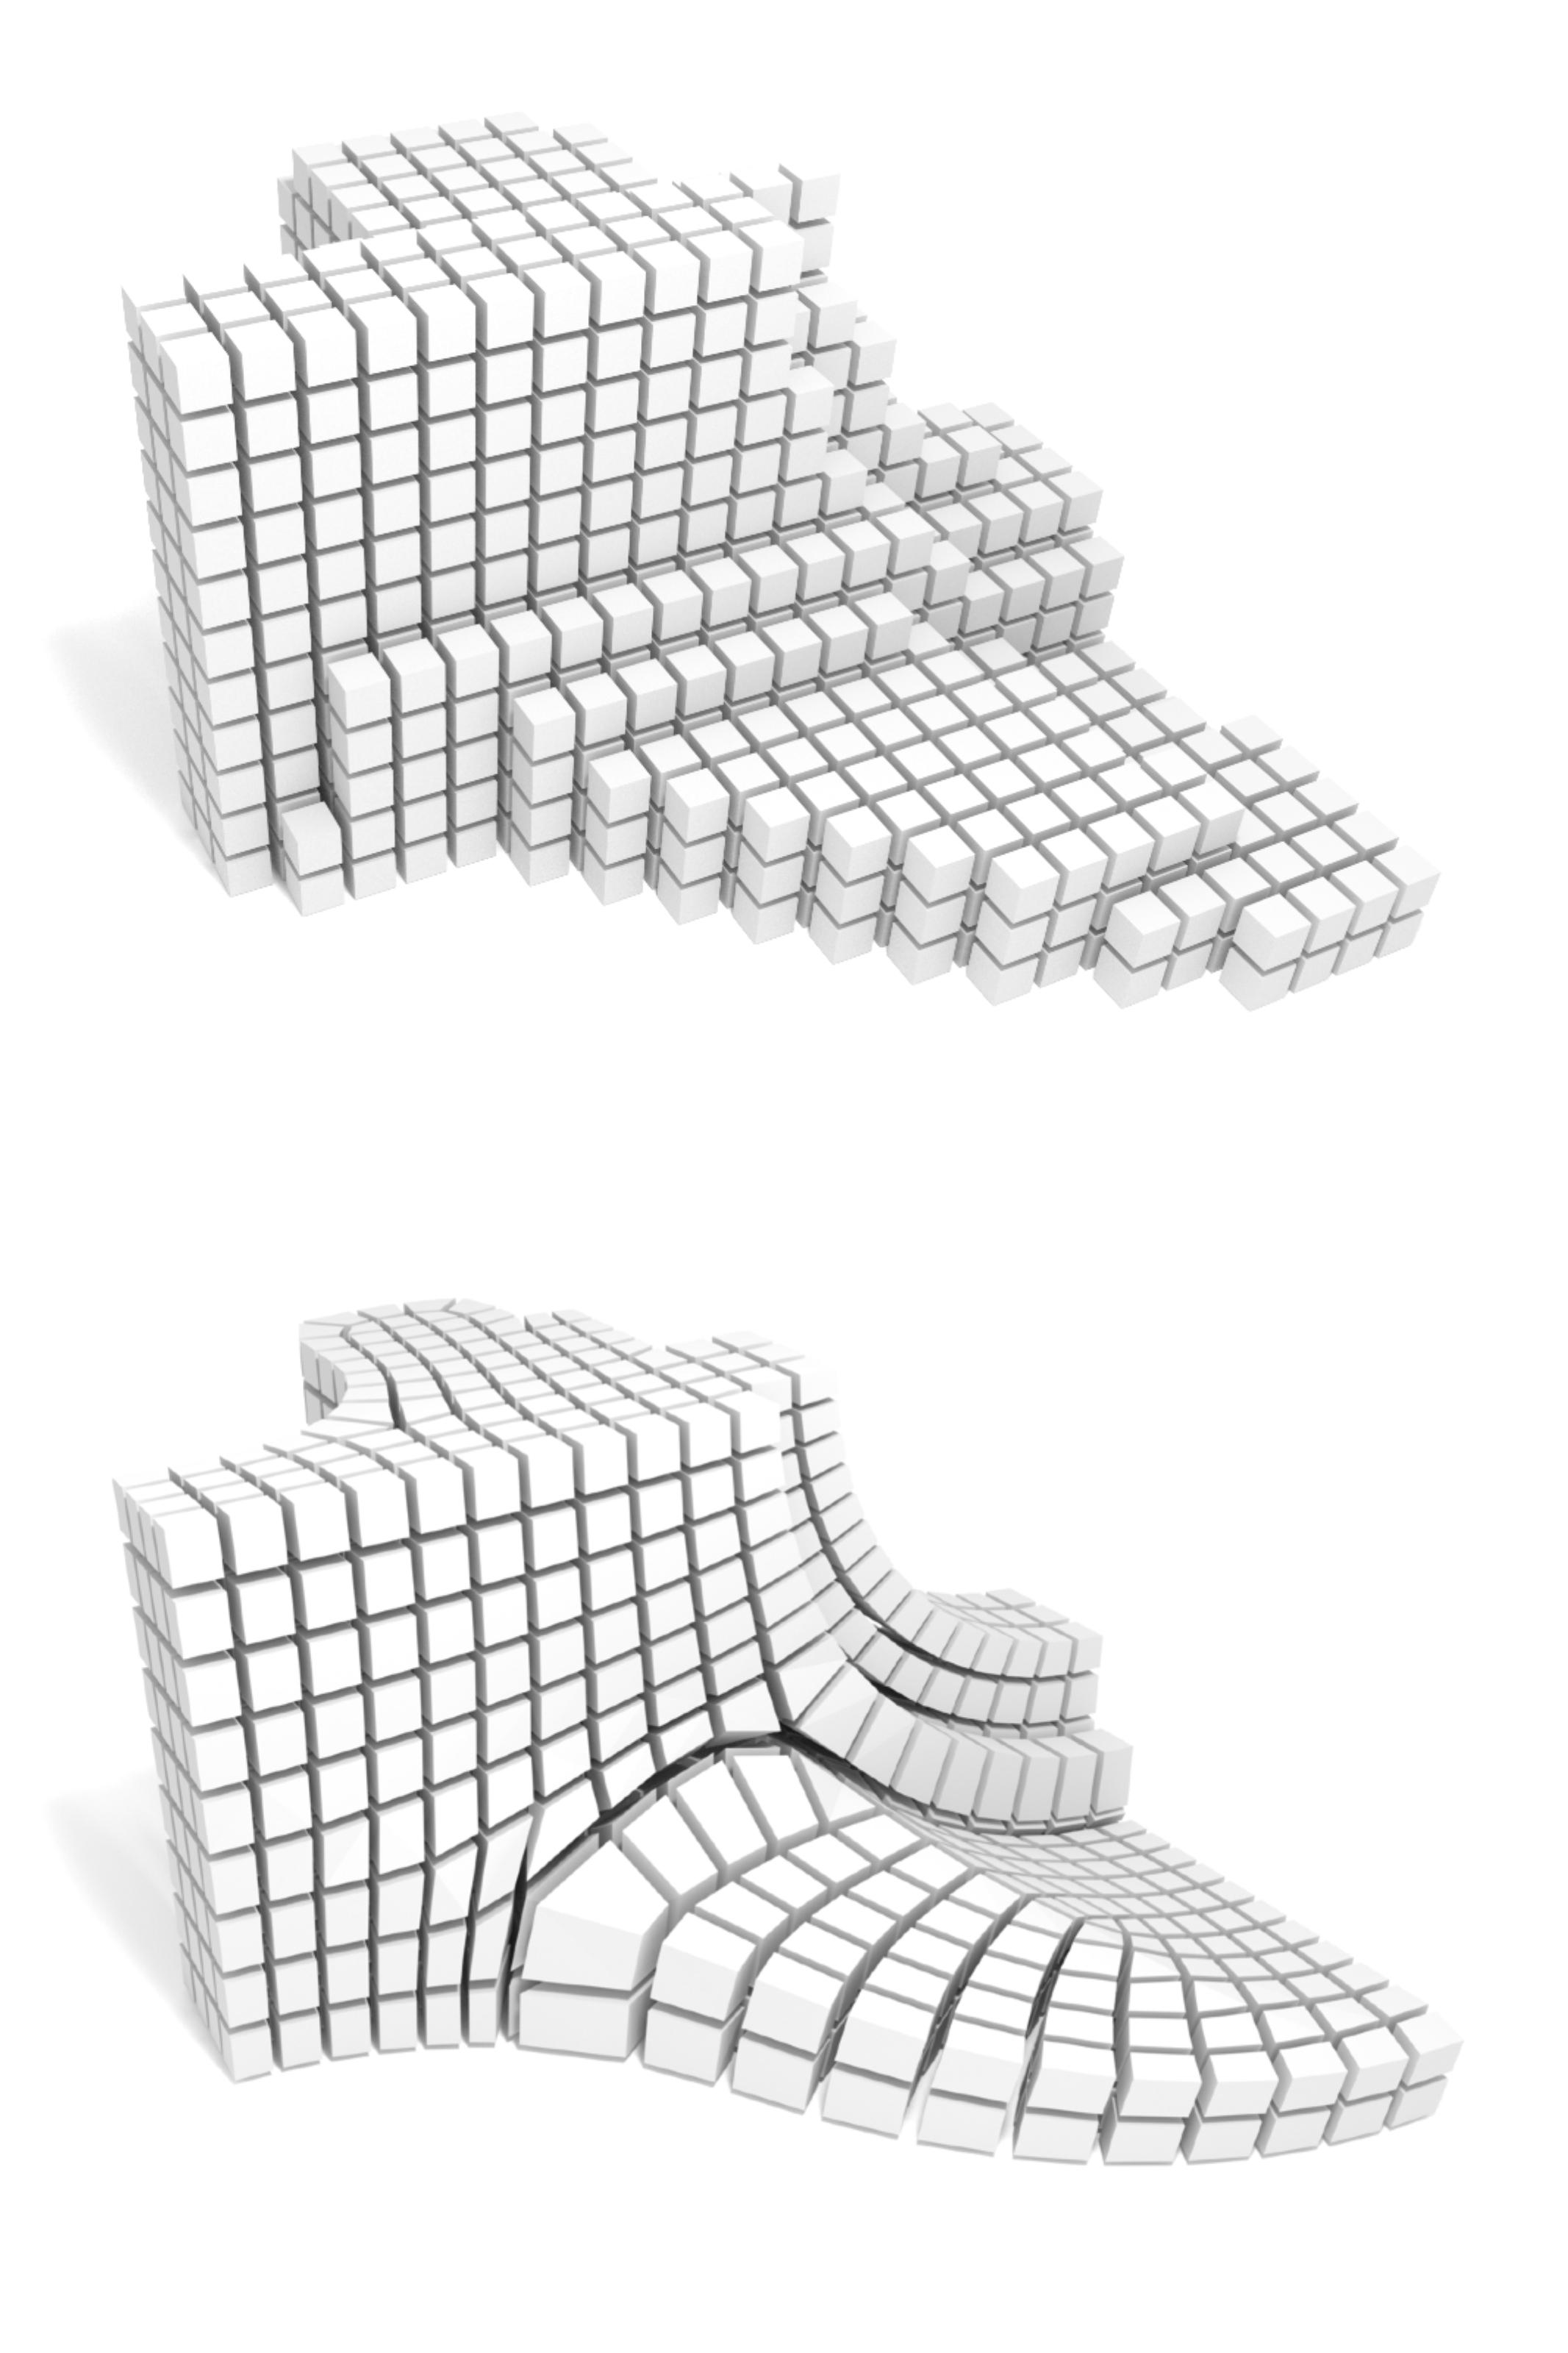 Im Projekt «AlgoHex» werden Algorithmen zur automatischen Zerlegung von Formen in Hexaederelemente entwickelt. Die elastisch deformierbaren Elemente (unten) ermöglichen die Darstellung von beliebigen Formen. Dies ist ein grosser Vorteil gegenüber starren «Legomodellen», die treppenartig abgestuft sind (oben). Bild: © David Bommes